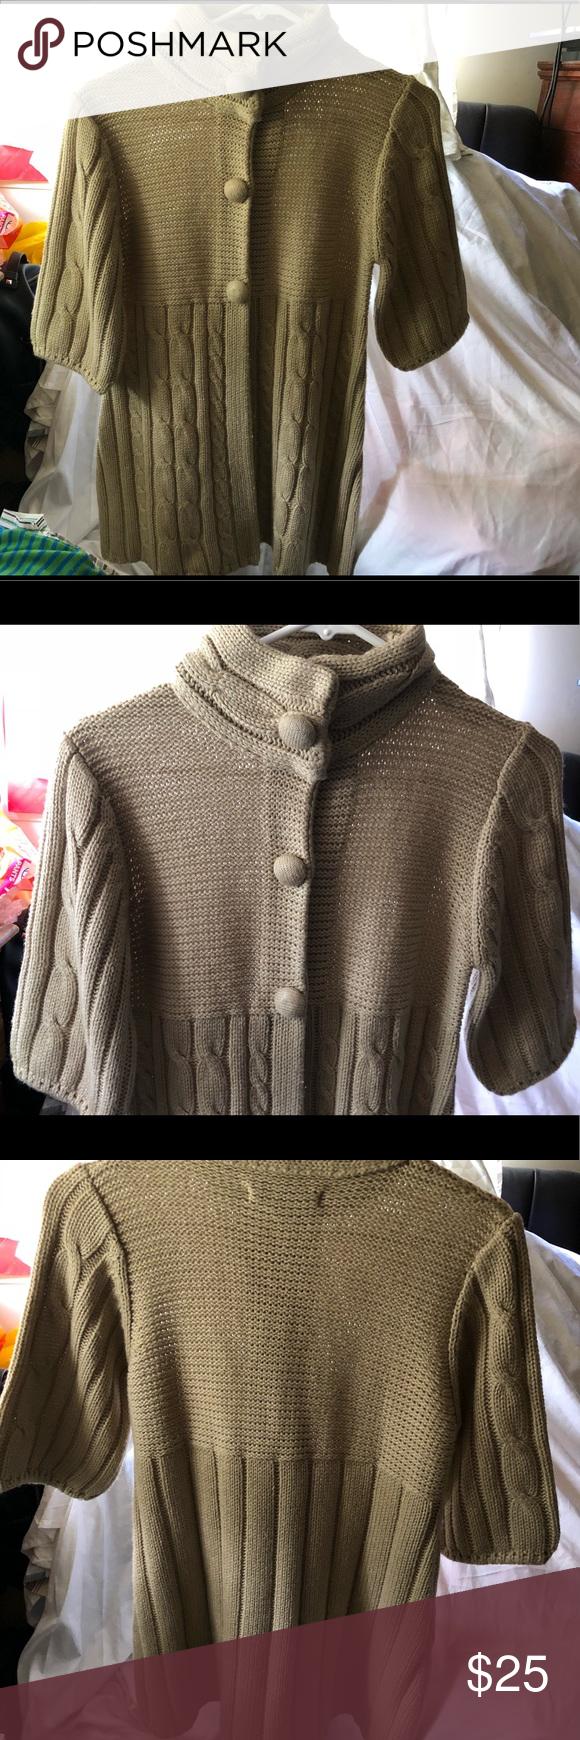 5578c06e8 Large Knit Sweater J.J. Basics